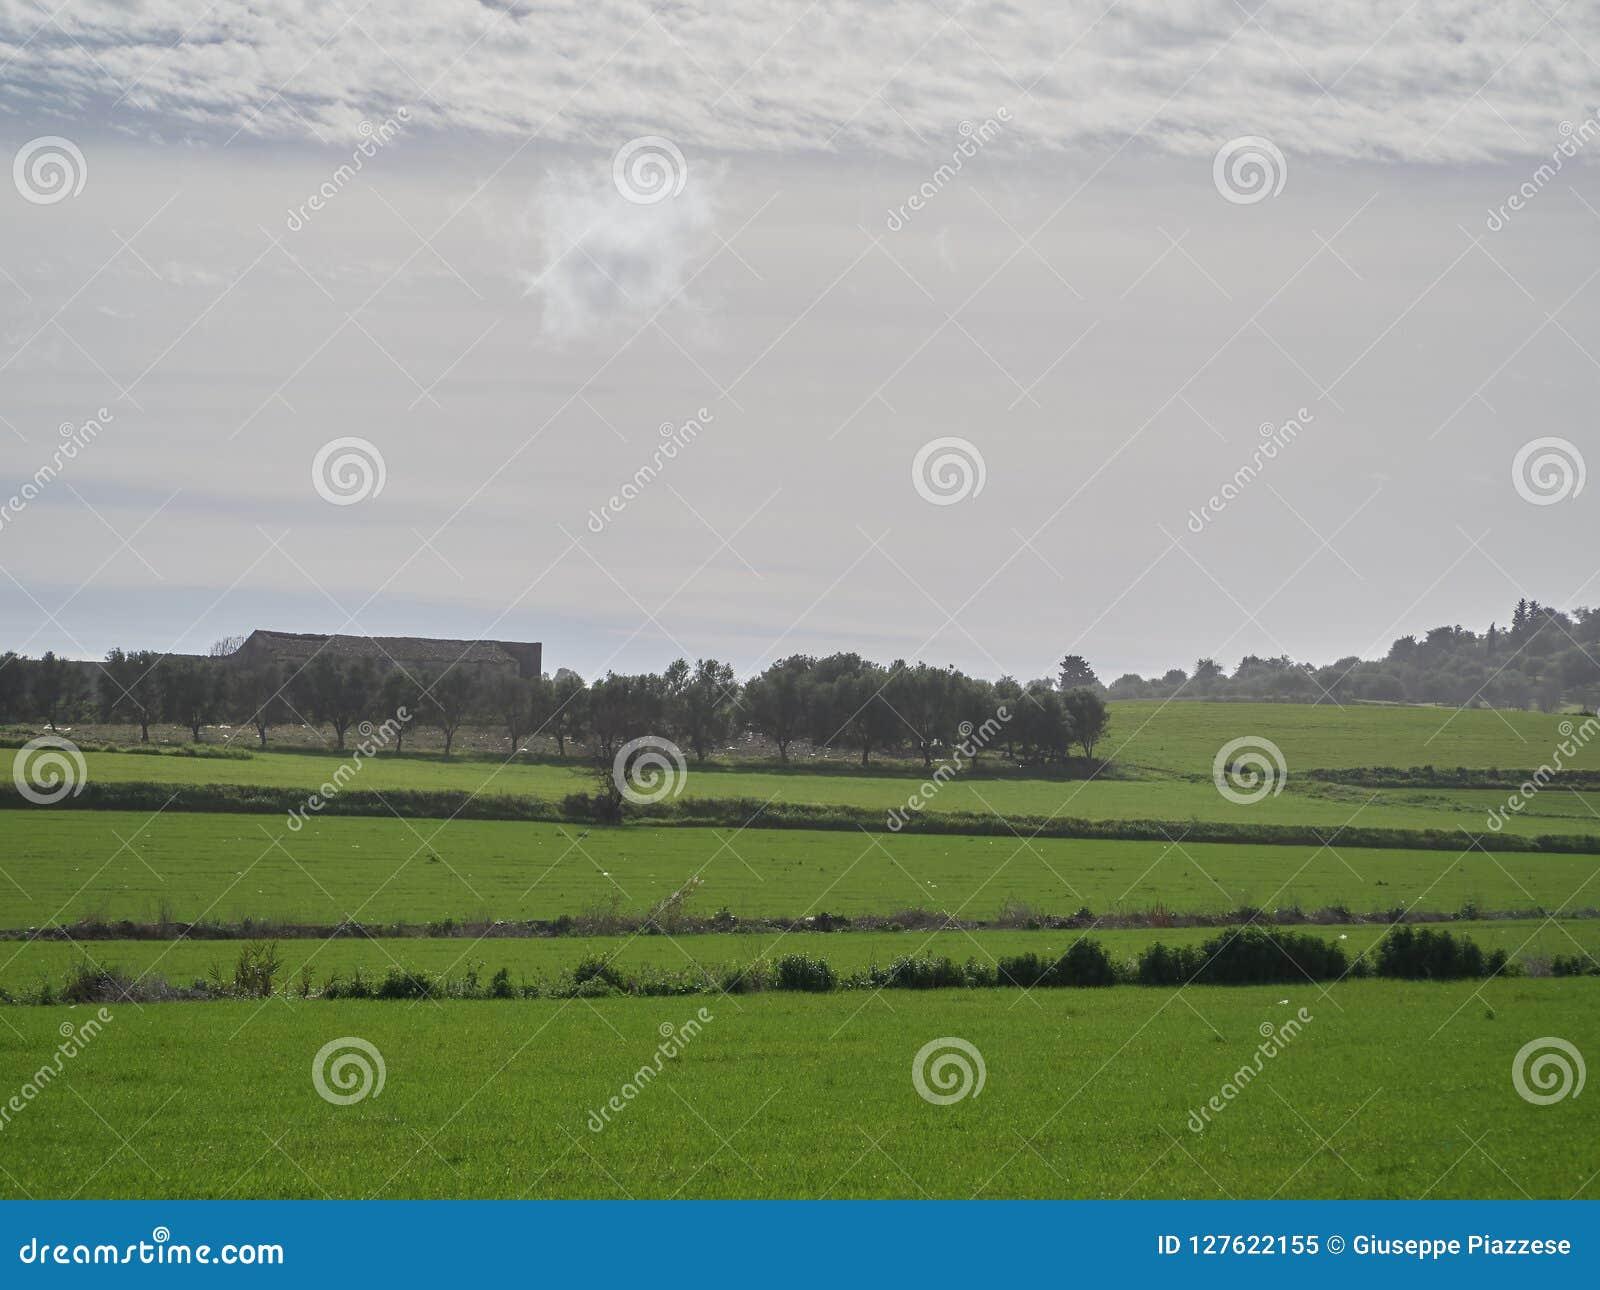 Geschossen von einer ländlichen Landschaft an einem sonnigen Tag